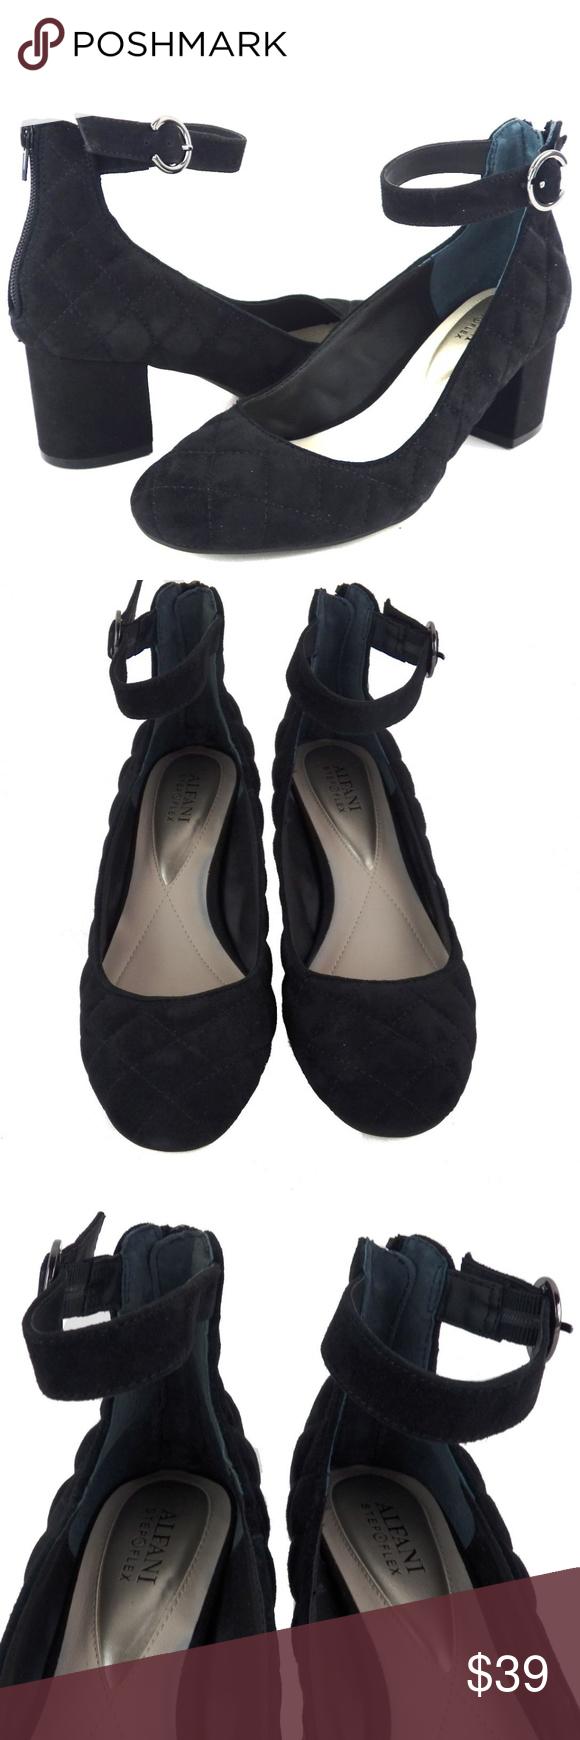 a55e04ec5b19 Alfani Ashiaa Ankle-Strap Shoes Alfani Women s Step  N Flex Ashiaa Ankle- Strap